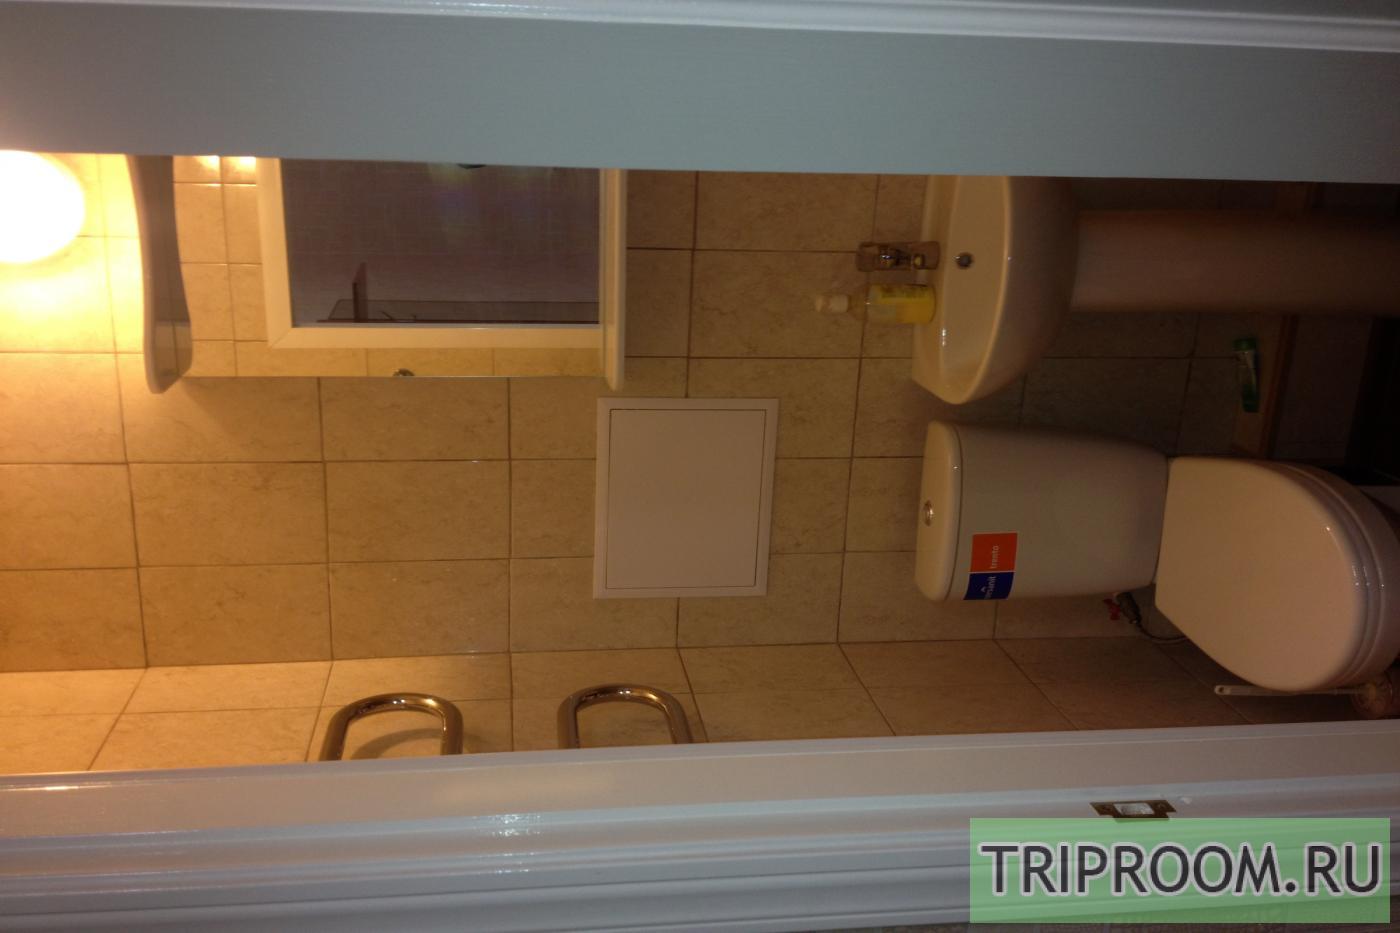 1-комнатная квартира посуточно (вариант № 5102), ул. Ольховый переулок, фото № 4